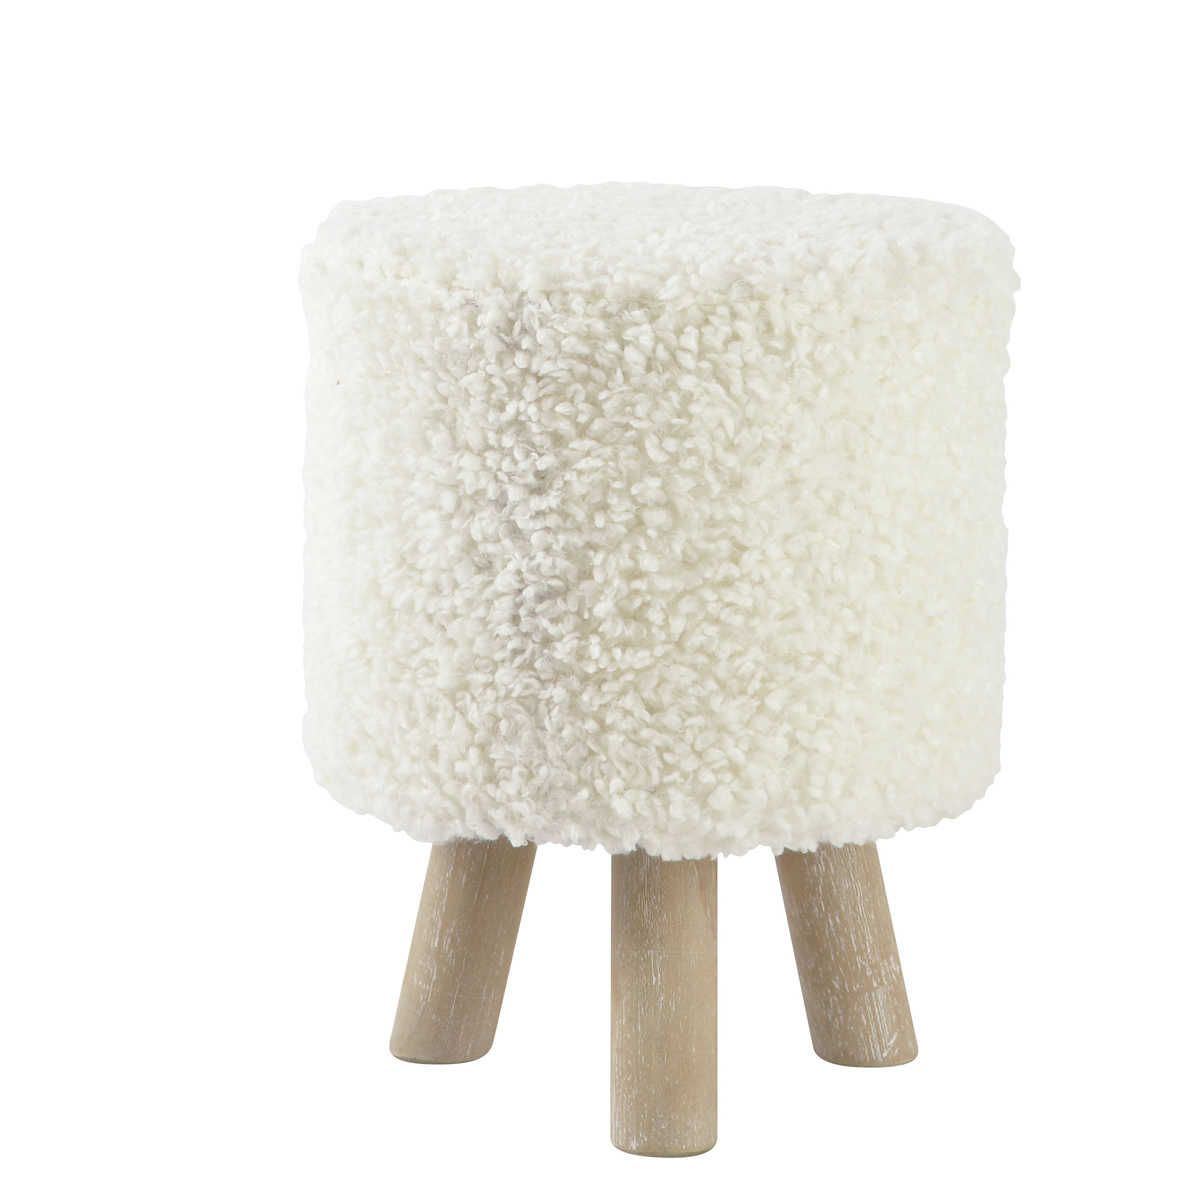 60 10 chez maisons du monde pouf tabouret blanc alpaga voir si pas le meme style moins cher. Black Bedroom Furniture Sets. Home Design Ideas